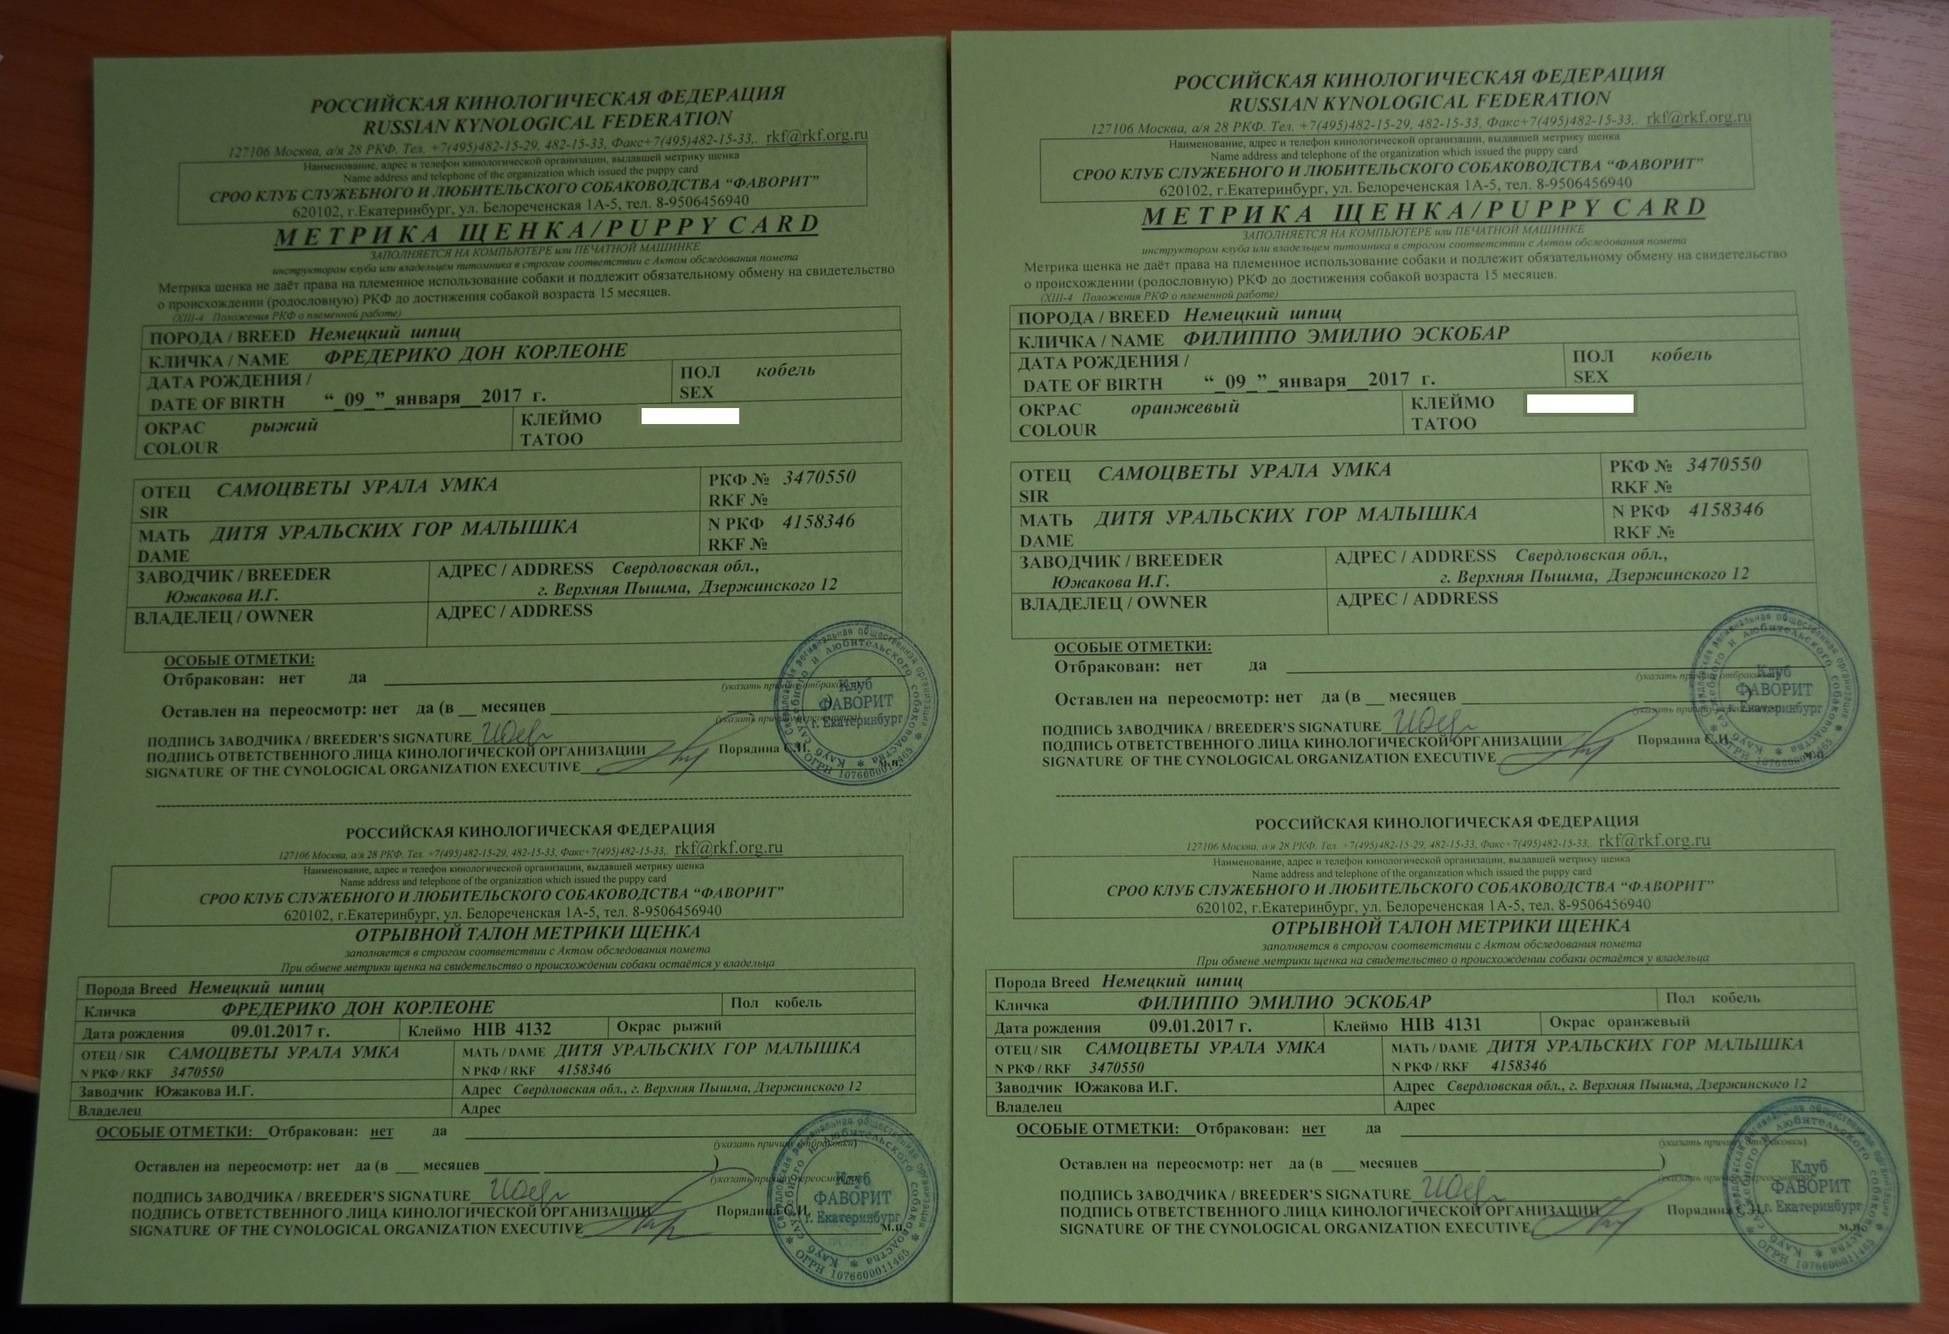 Ветеринарный паспорт на собаку: как сделать, где получить, для чего нужен собачий паспорт, какие еще бывают документы на собаку